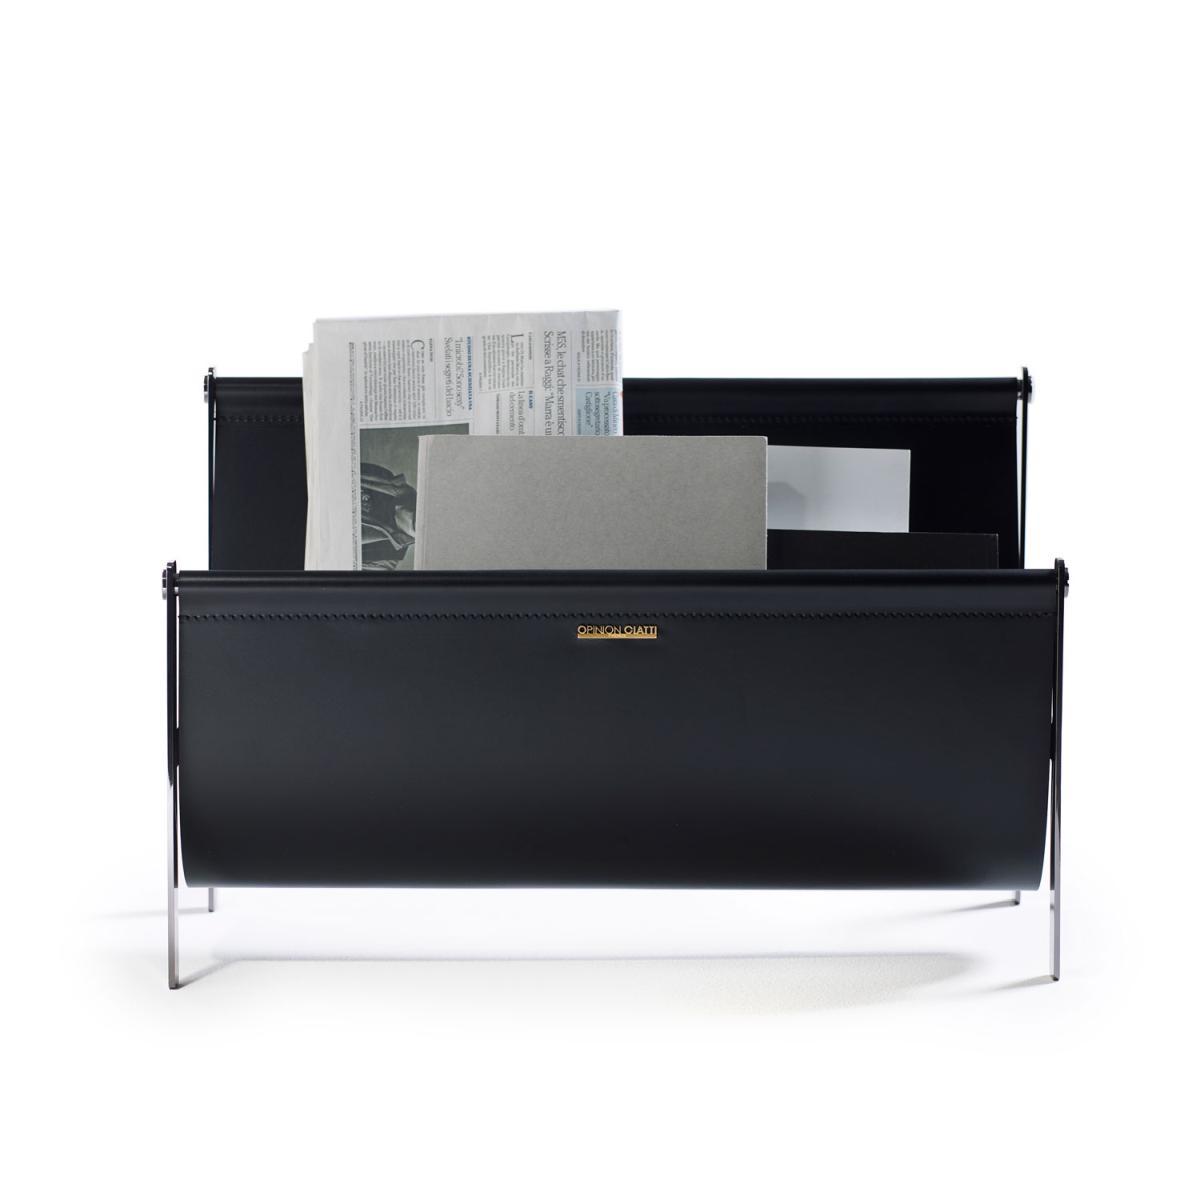 Portariviste Zeitschriftenständer vernickelt hochglanzpoliert und schwarzes Leder